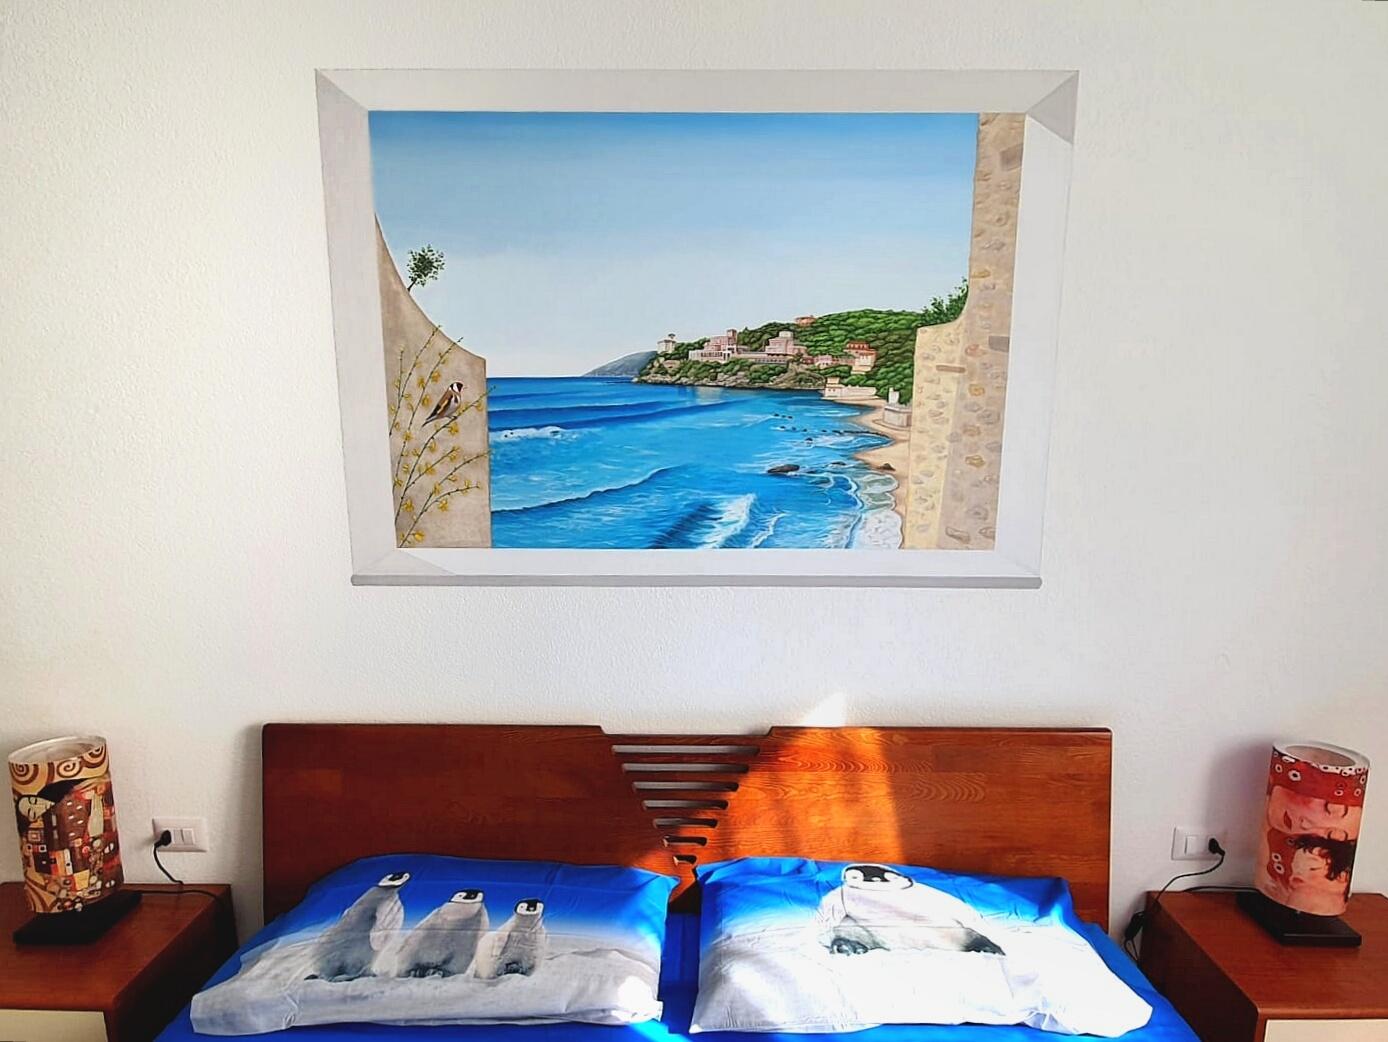 Trompe l'oeil con vista mare dipinto su tela in camera da letto